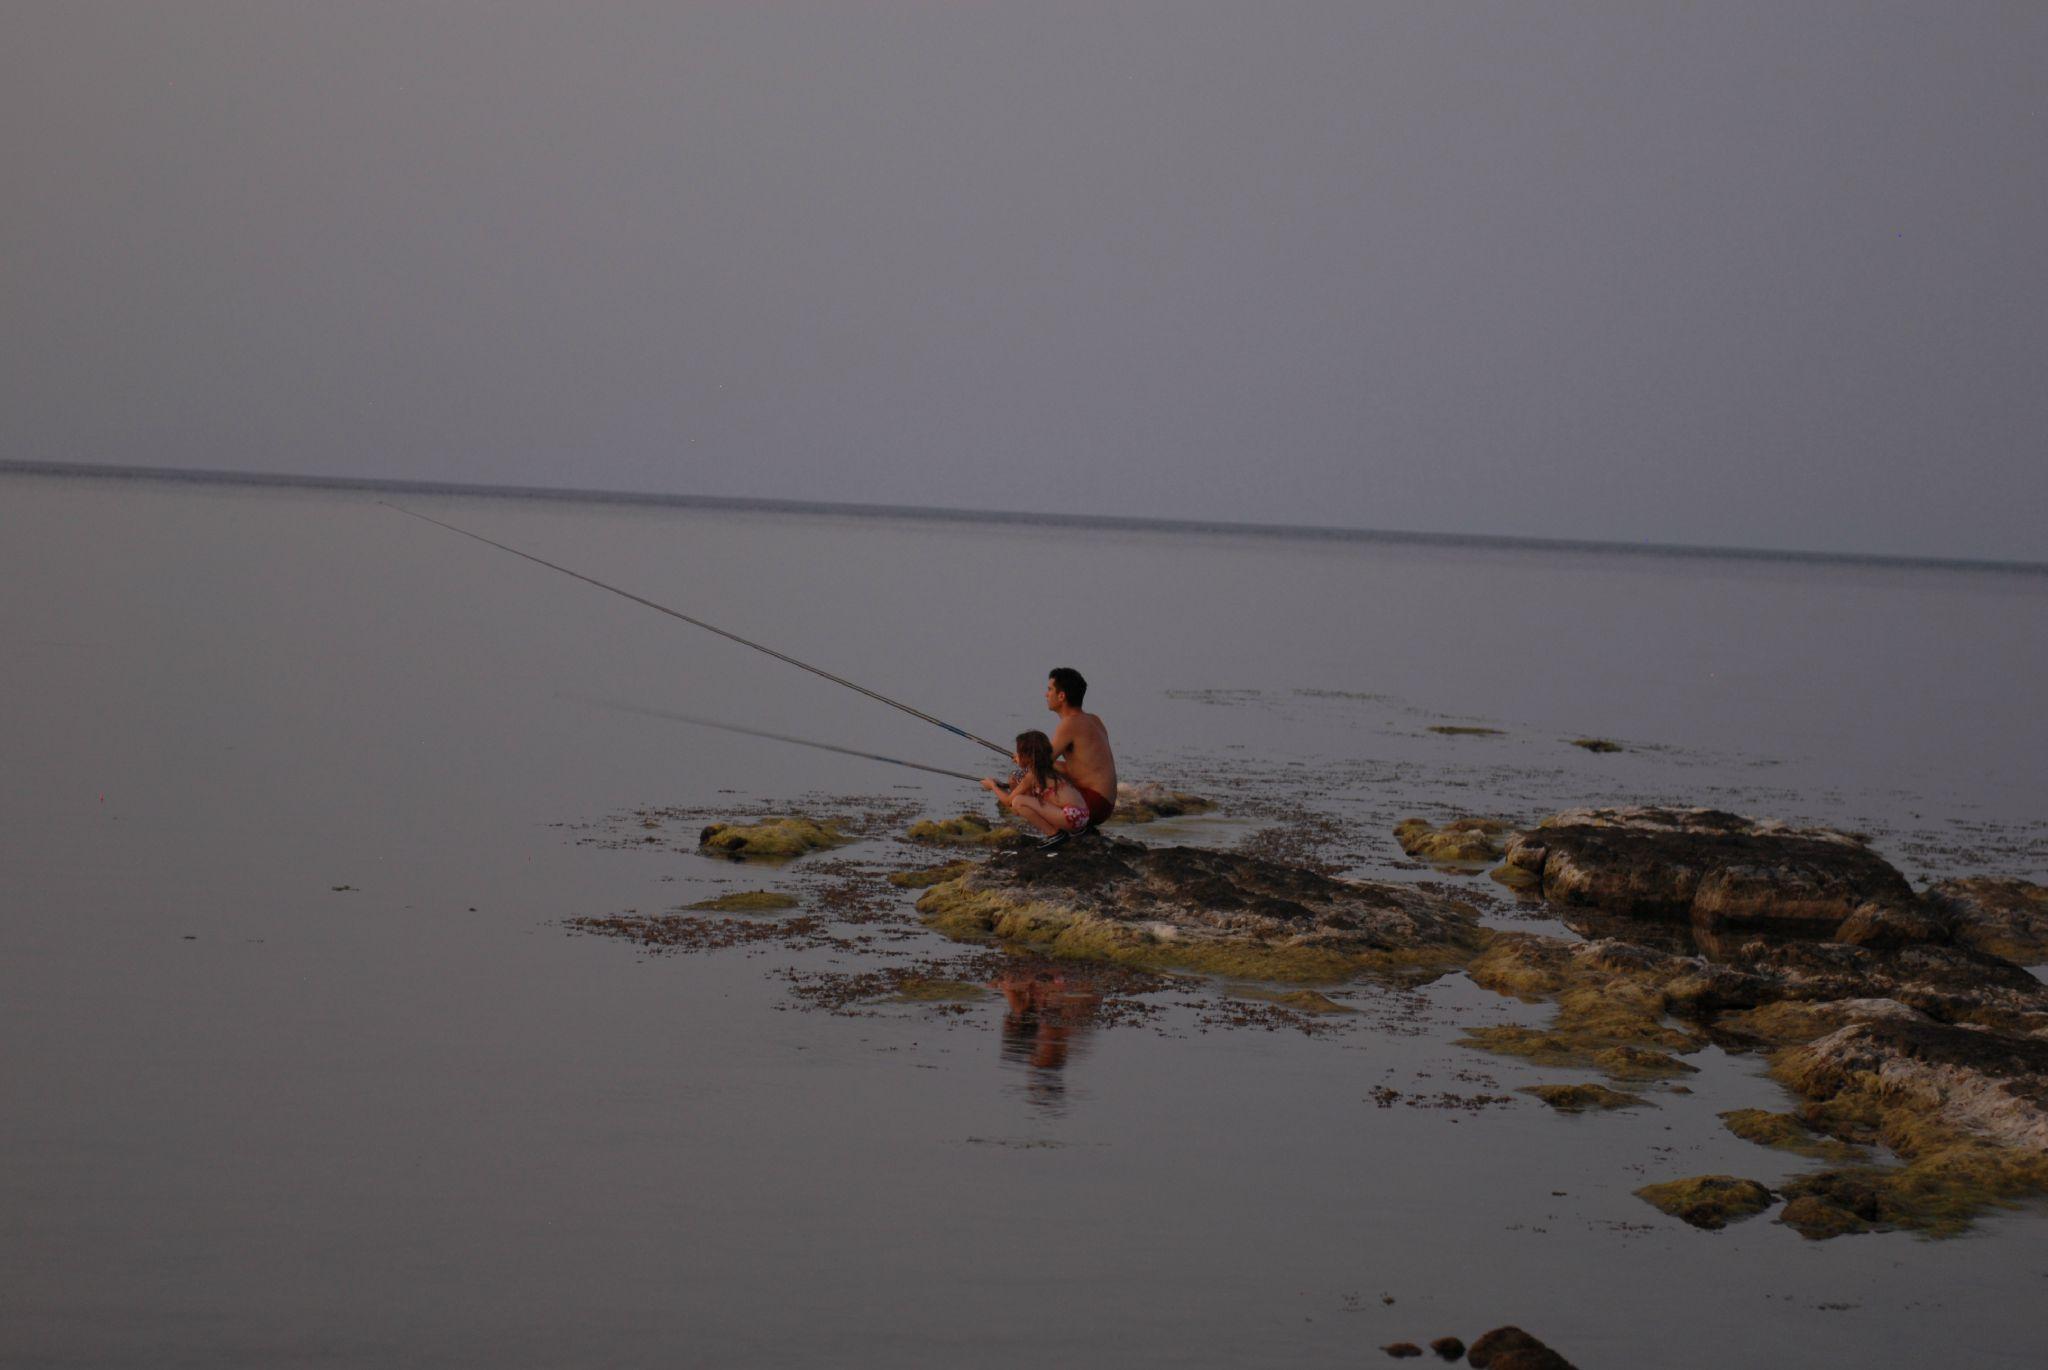 Pêche dans la mer noire